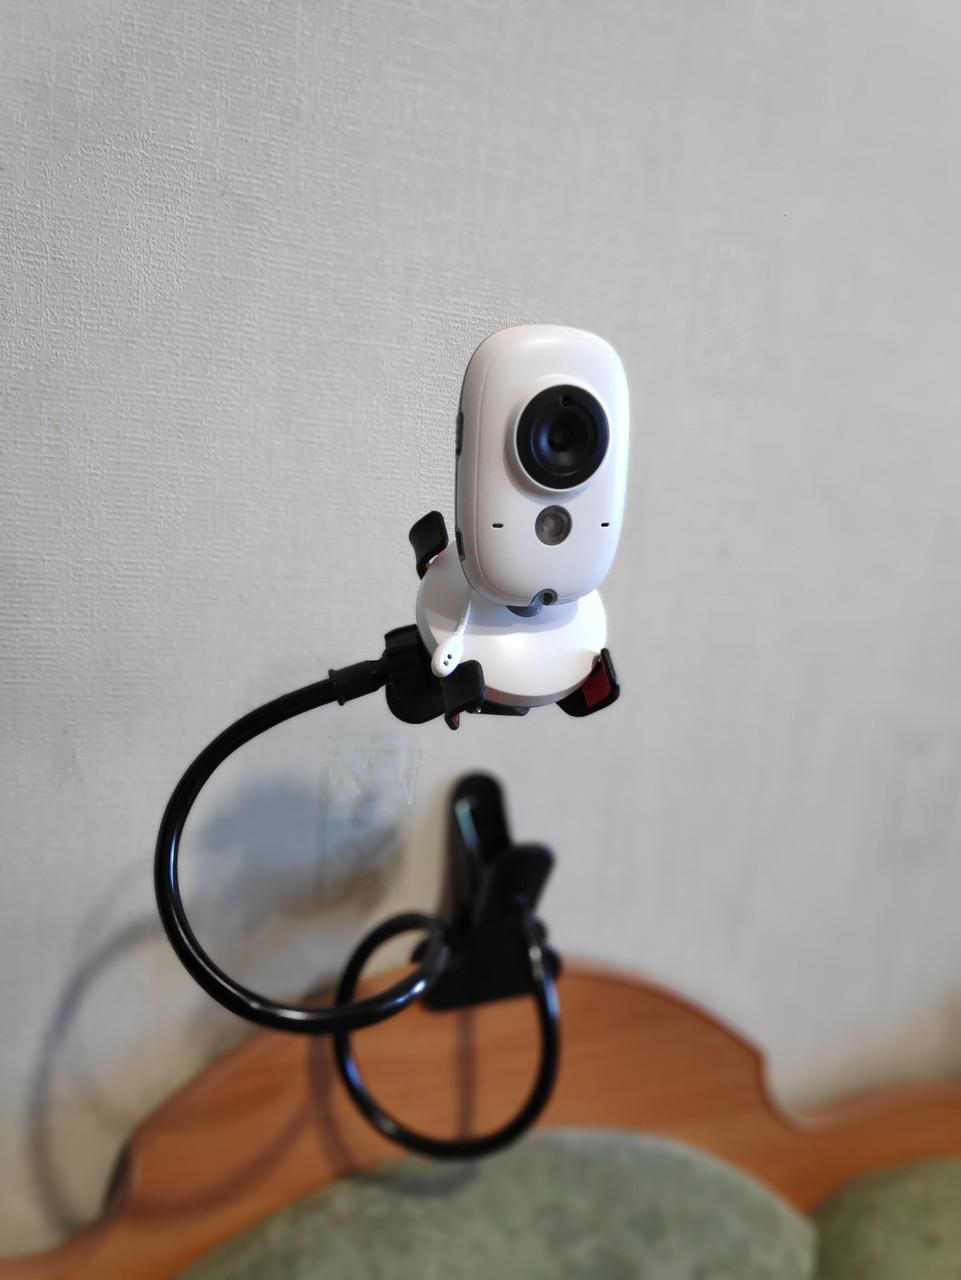 Тримач з гнучкою ніжкою для кріплення камери відеоняні на бортик дитячого ліжечка